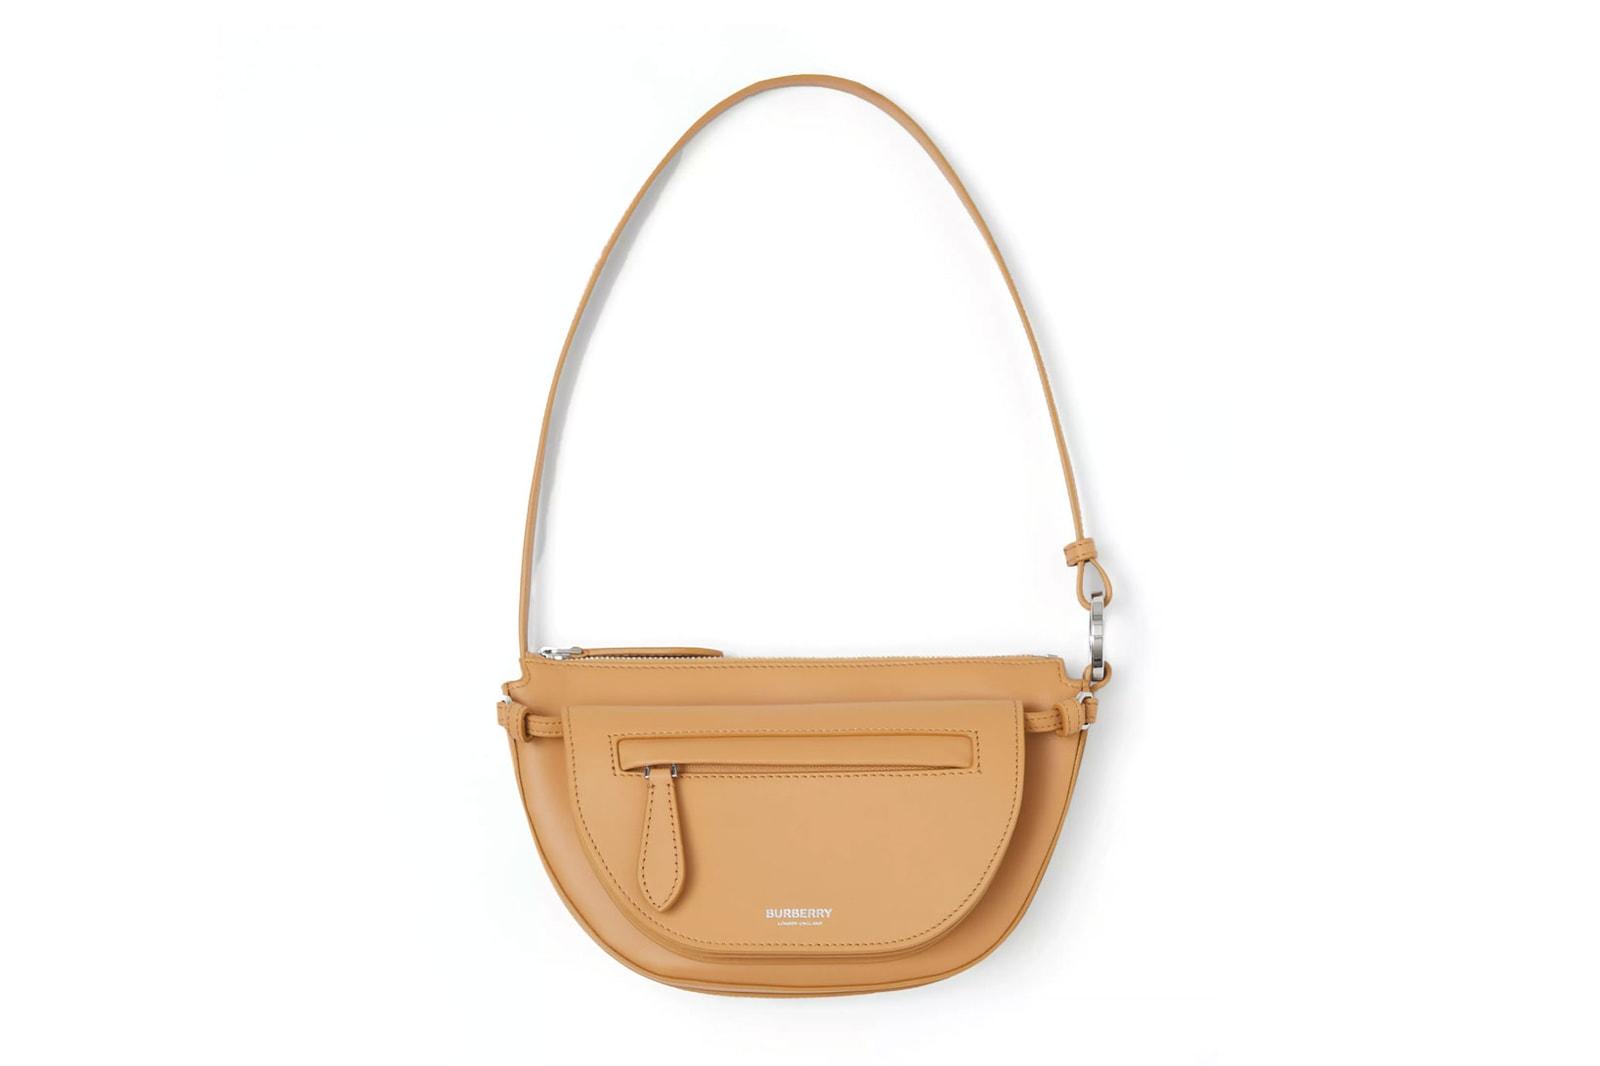 best spring summer handbag trends to shop water bottle holders large shoulder purses bottega veneta givenchy prada